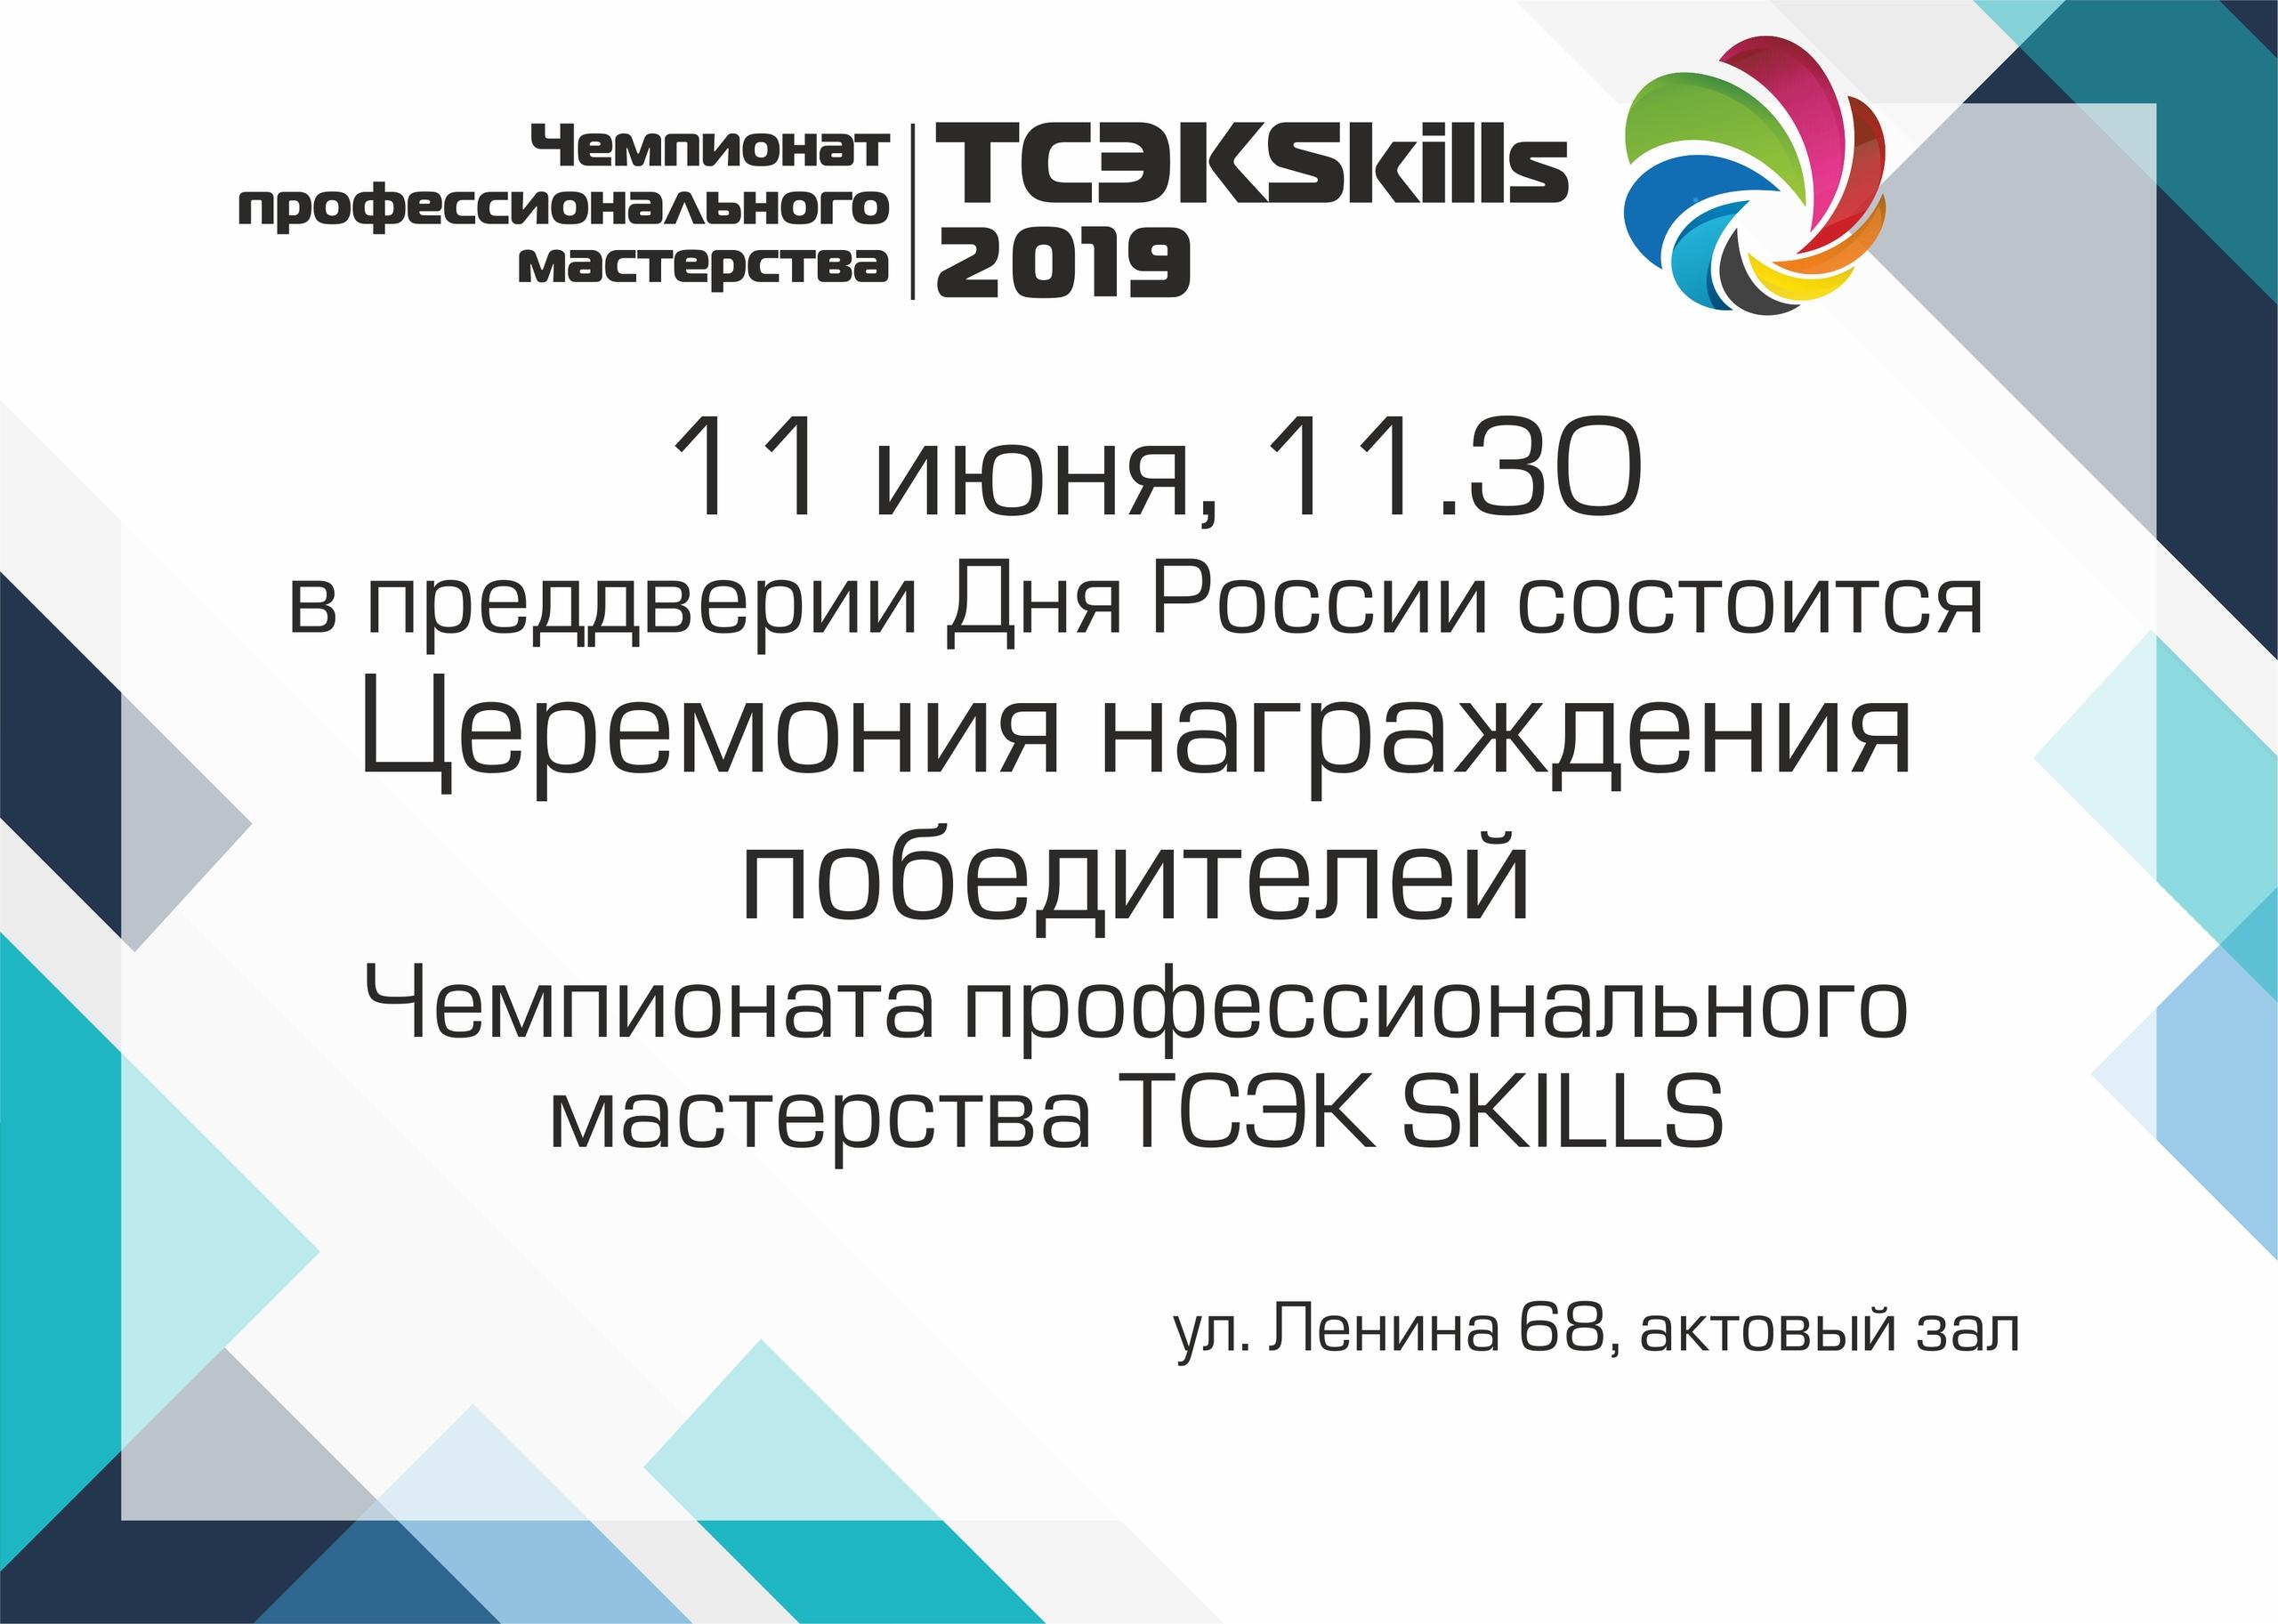 Церемония награждения ТСЭК skills 2019